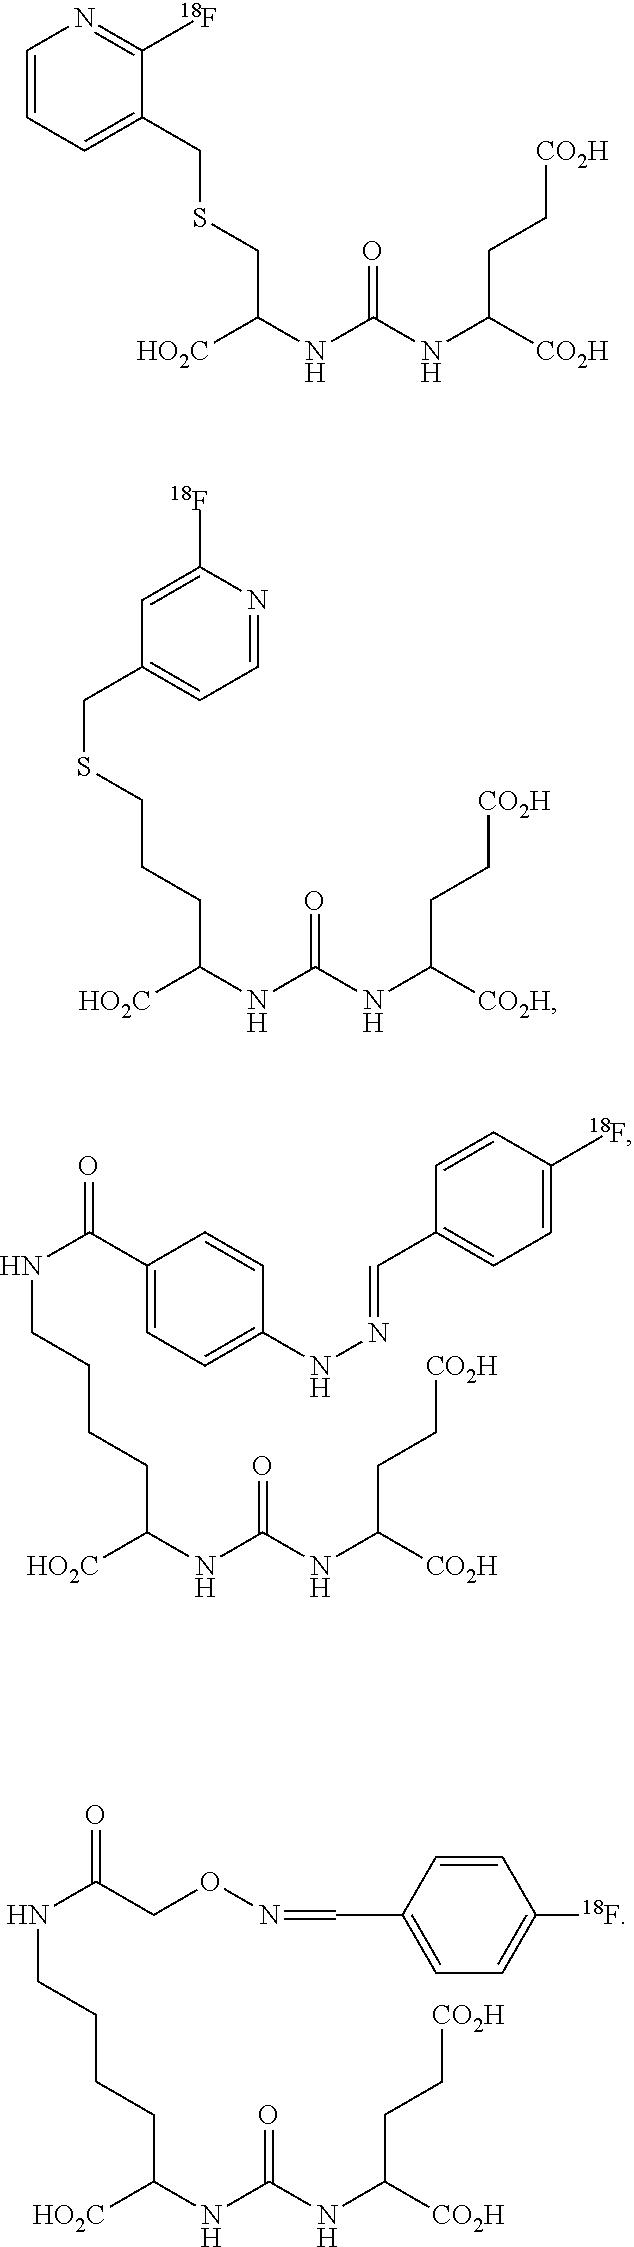 Figure US09861713-20180109-C00021